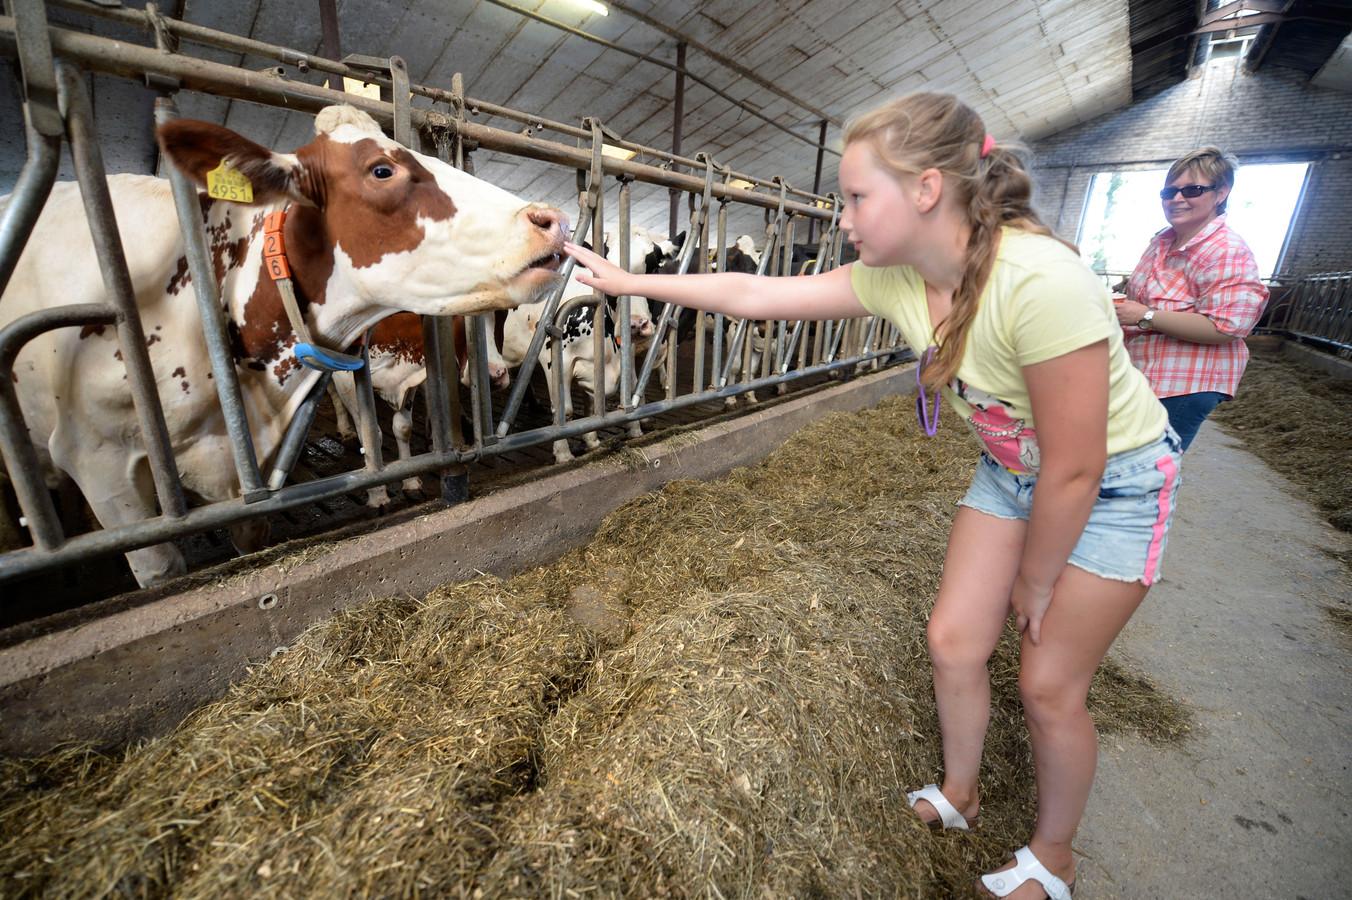 Beltrum - Boerderijenfietstocht Beltrum, fietsers nemen kijkje in veehouderij Hanselman Jelske Franken met haar moeder en oppas